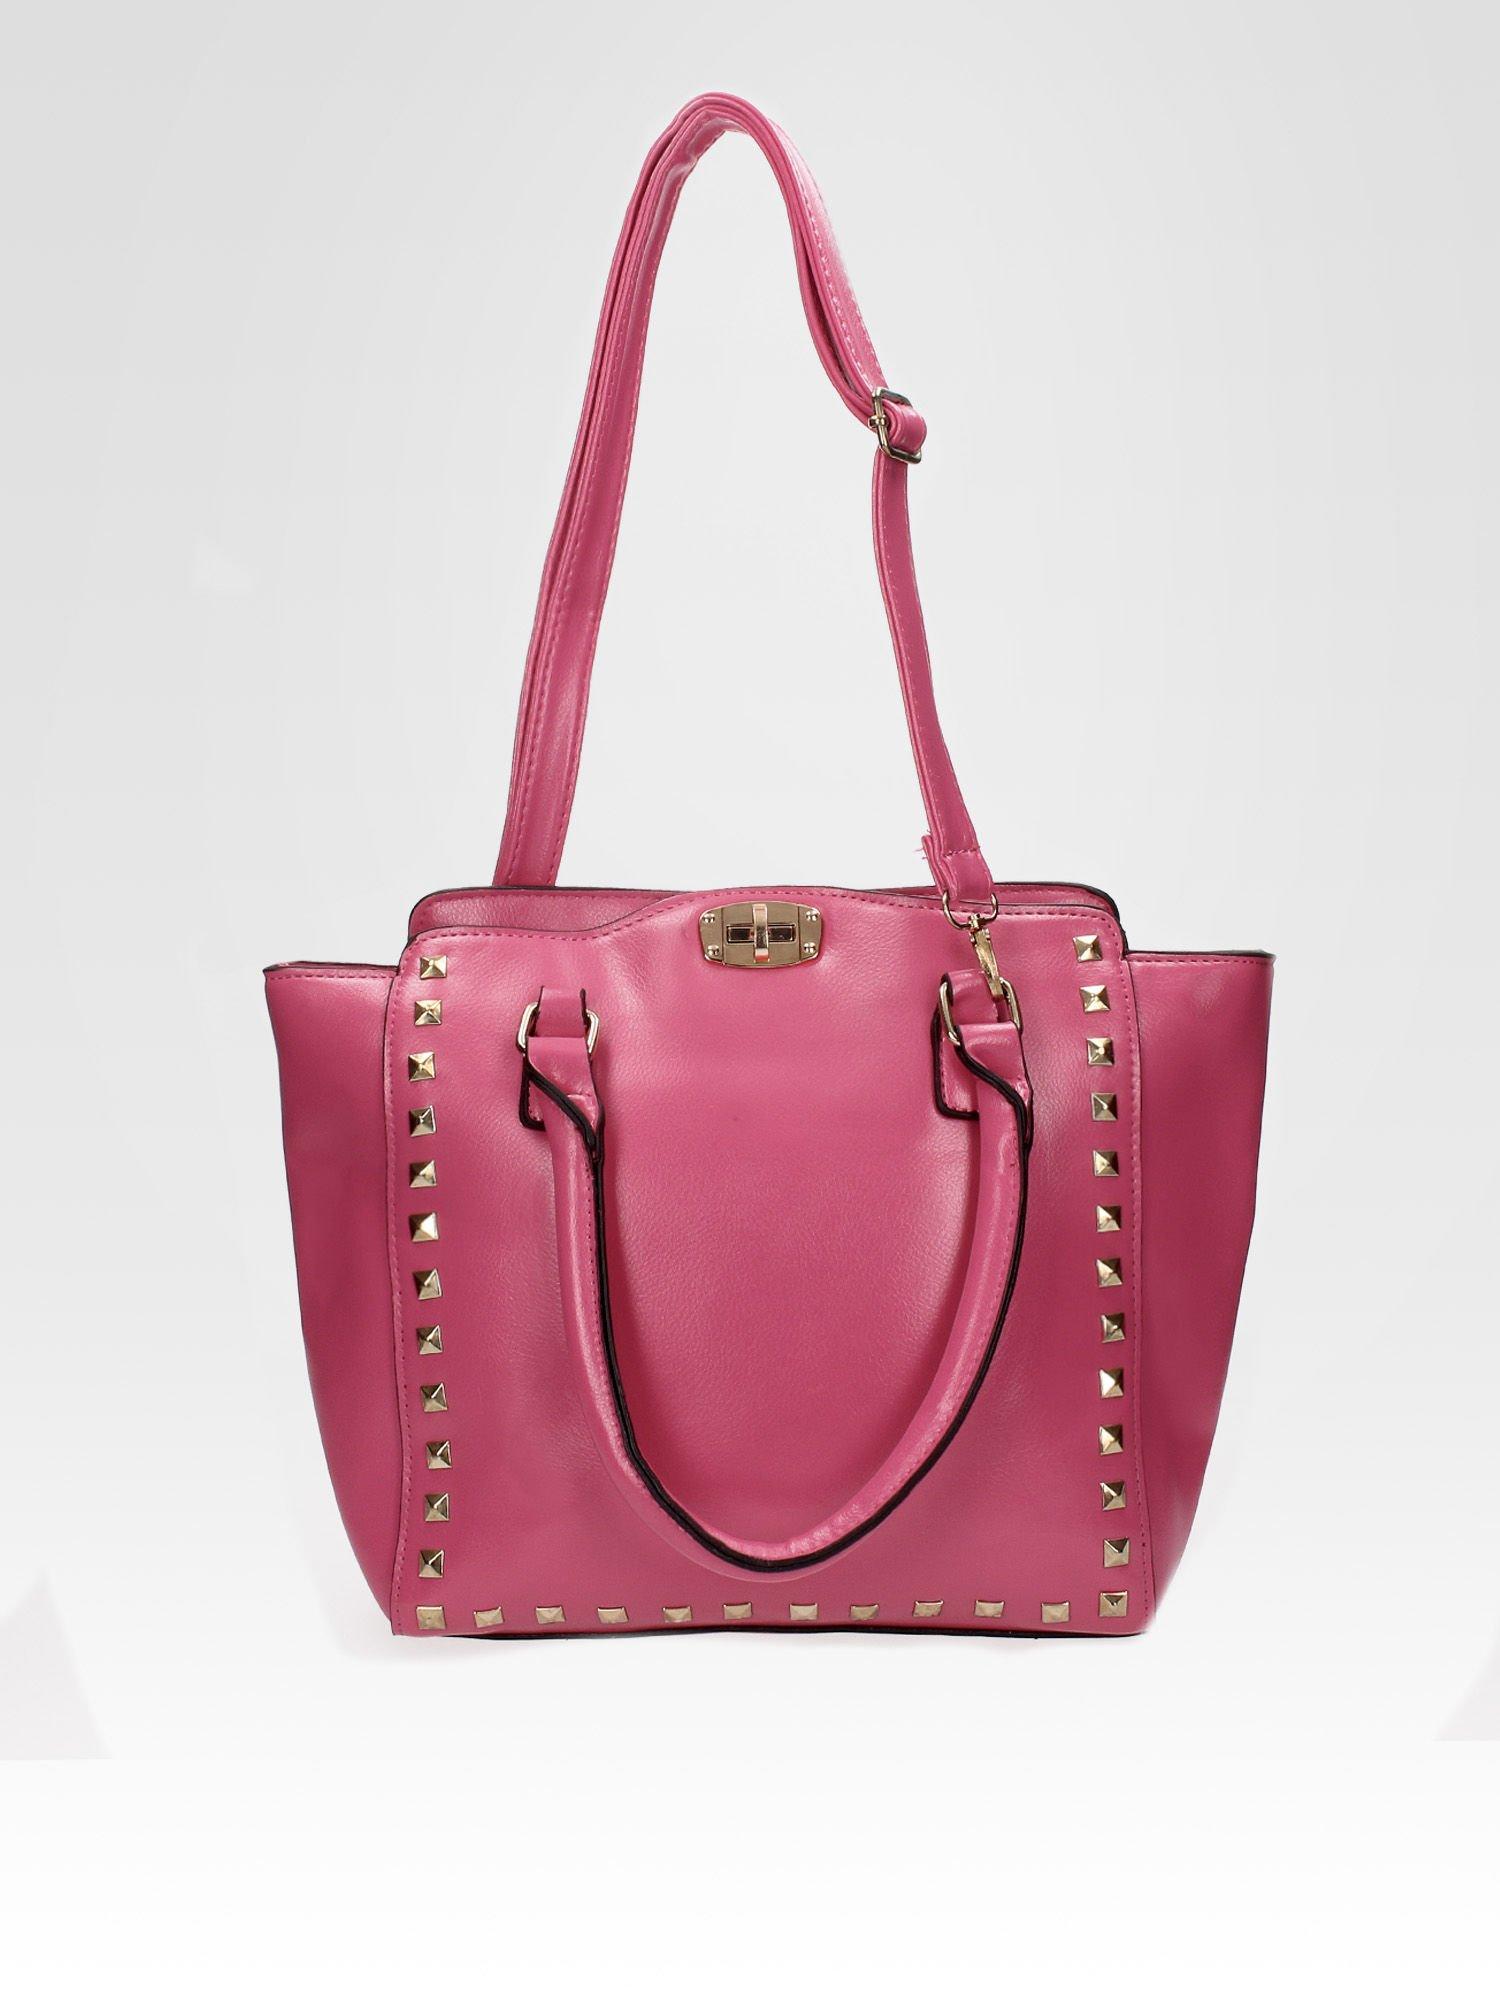 Jasnoróżowa torebka na ramię z dżetami                                  zdj.                                  4